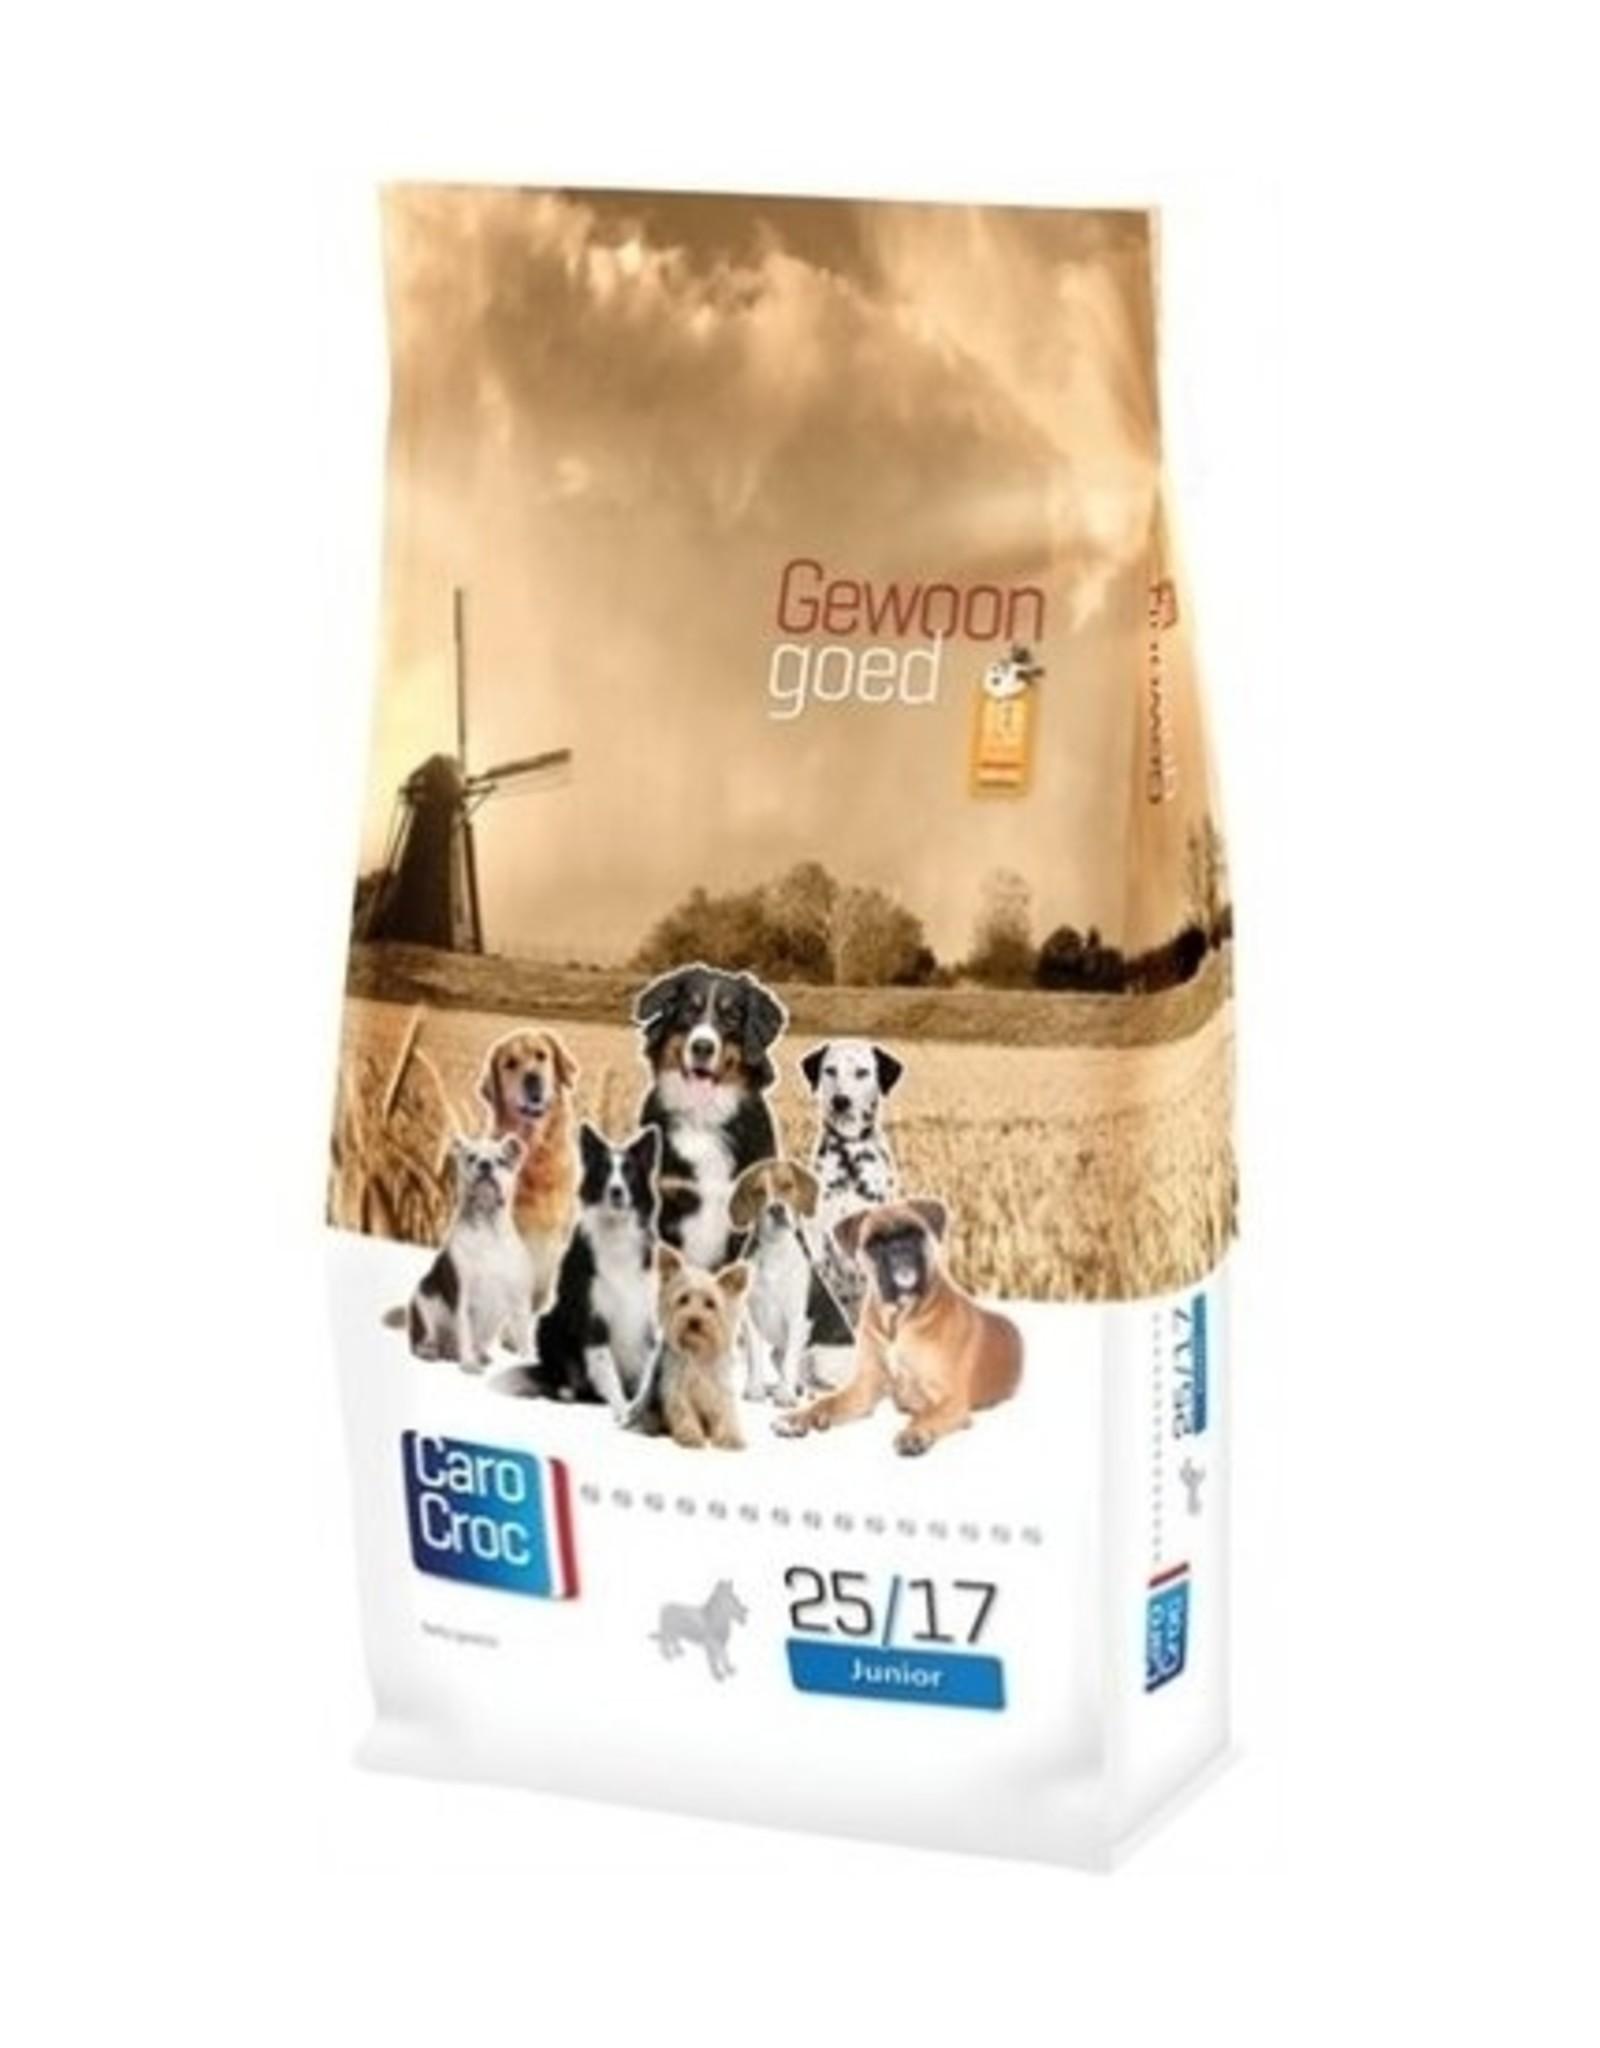 Sanimed Sanimed Carocroc Junior Hond 25/17 Chk Rice 3kg